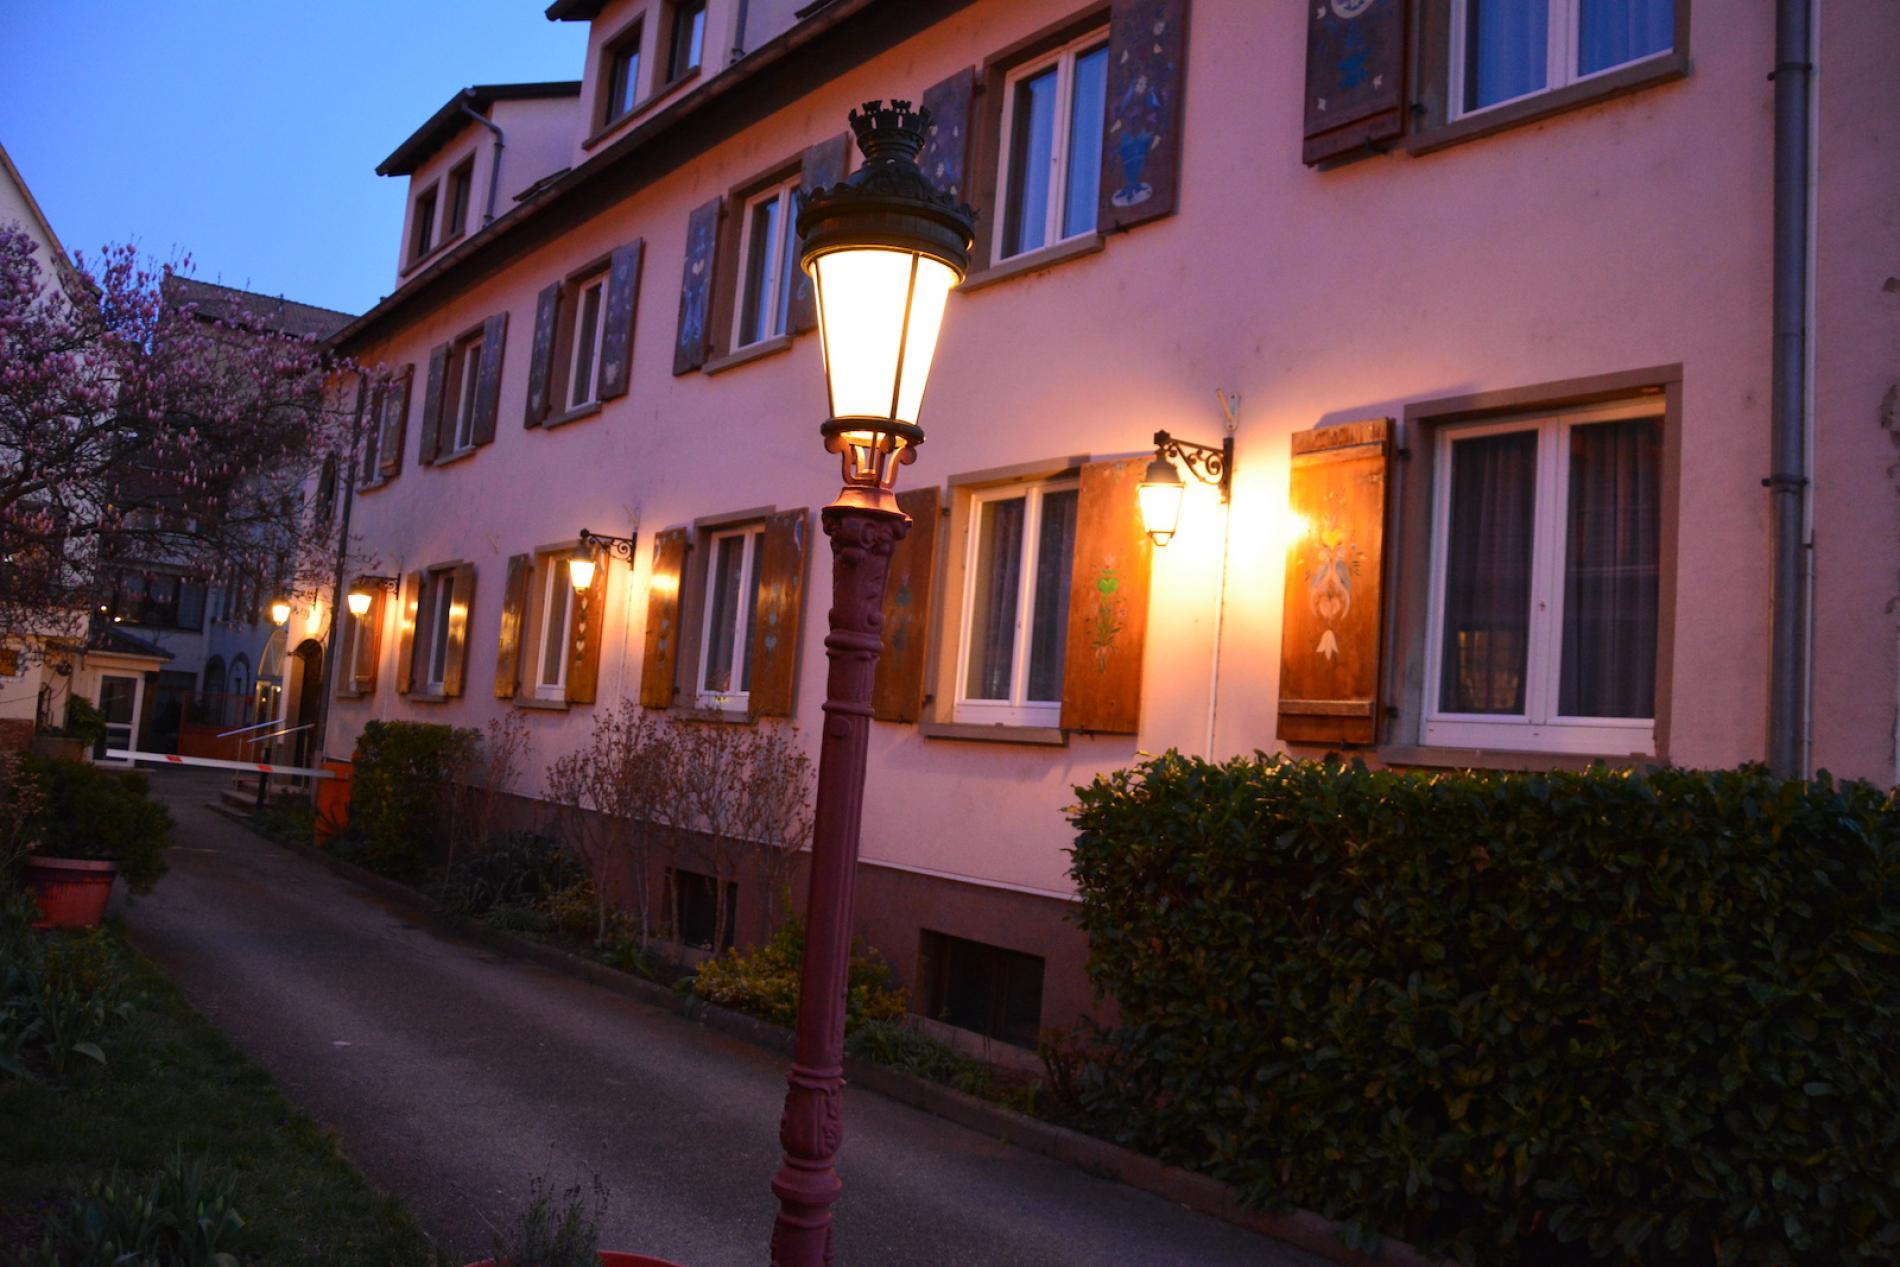 Hôtel*** à Molsheim sur la Route des Vins d'Alsace<br> Parking privé sous vidéosurveillance et garage à vélos fermé.